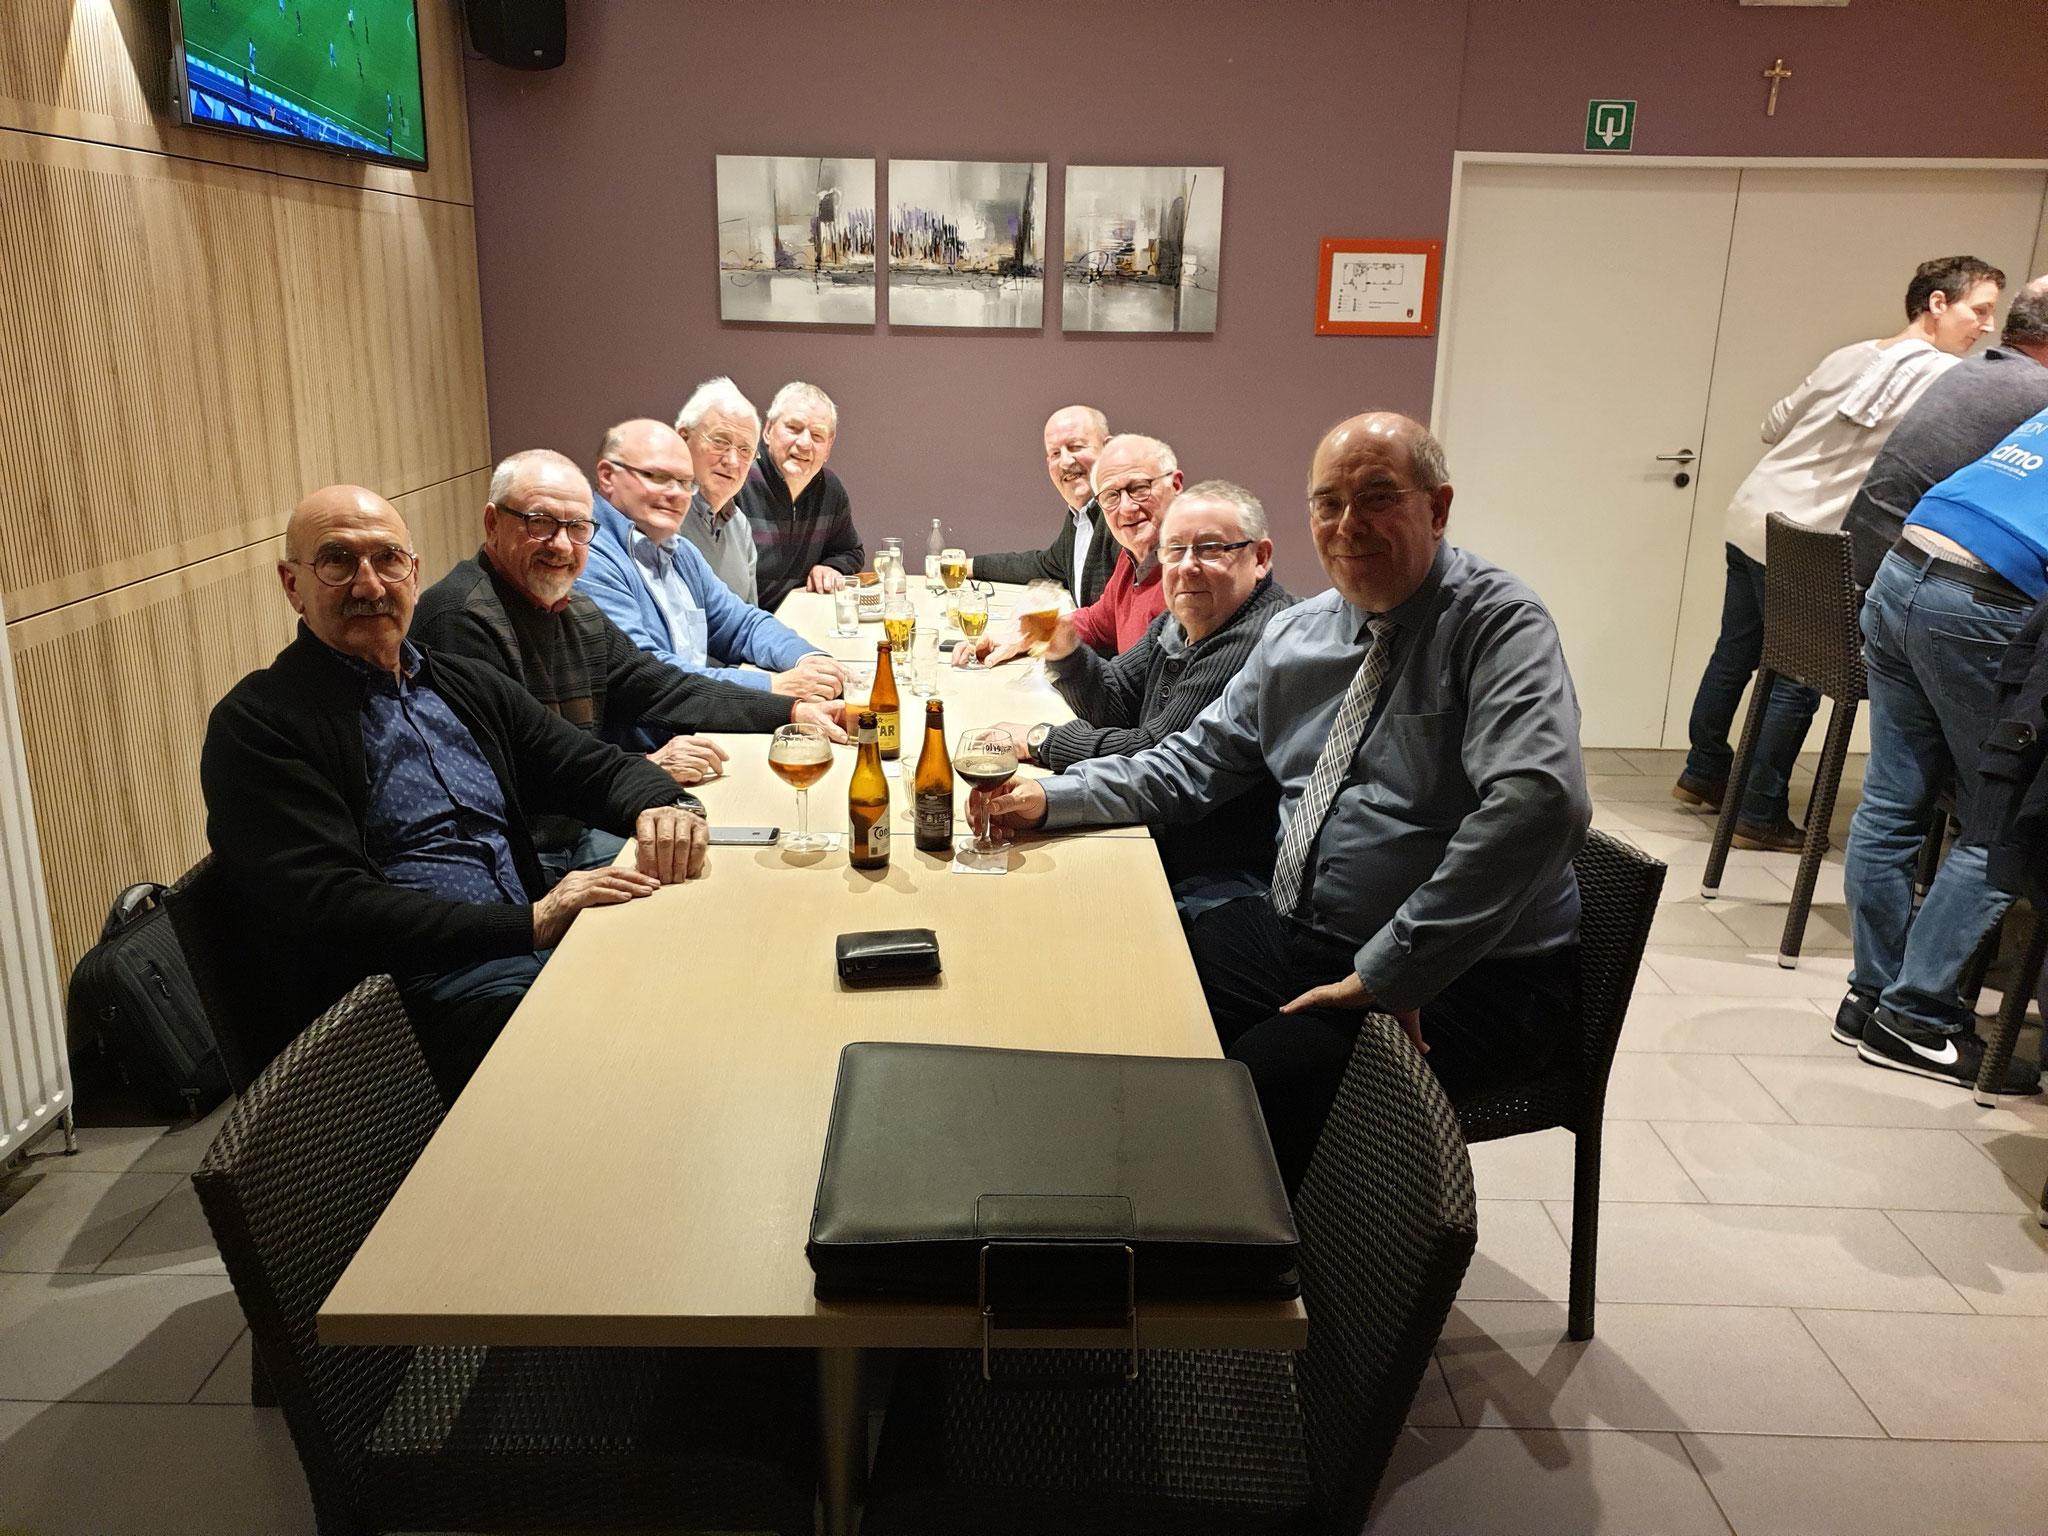 Bölderklub Treffen in der Mehrzweckhalle